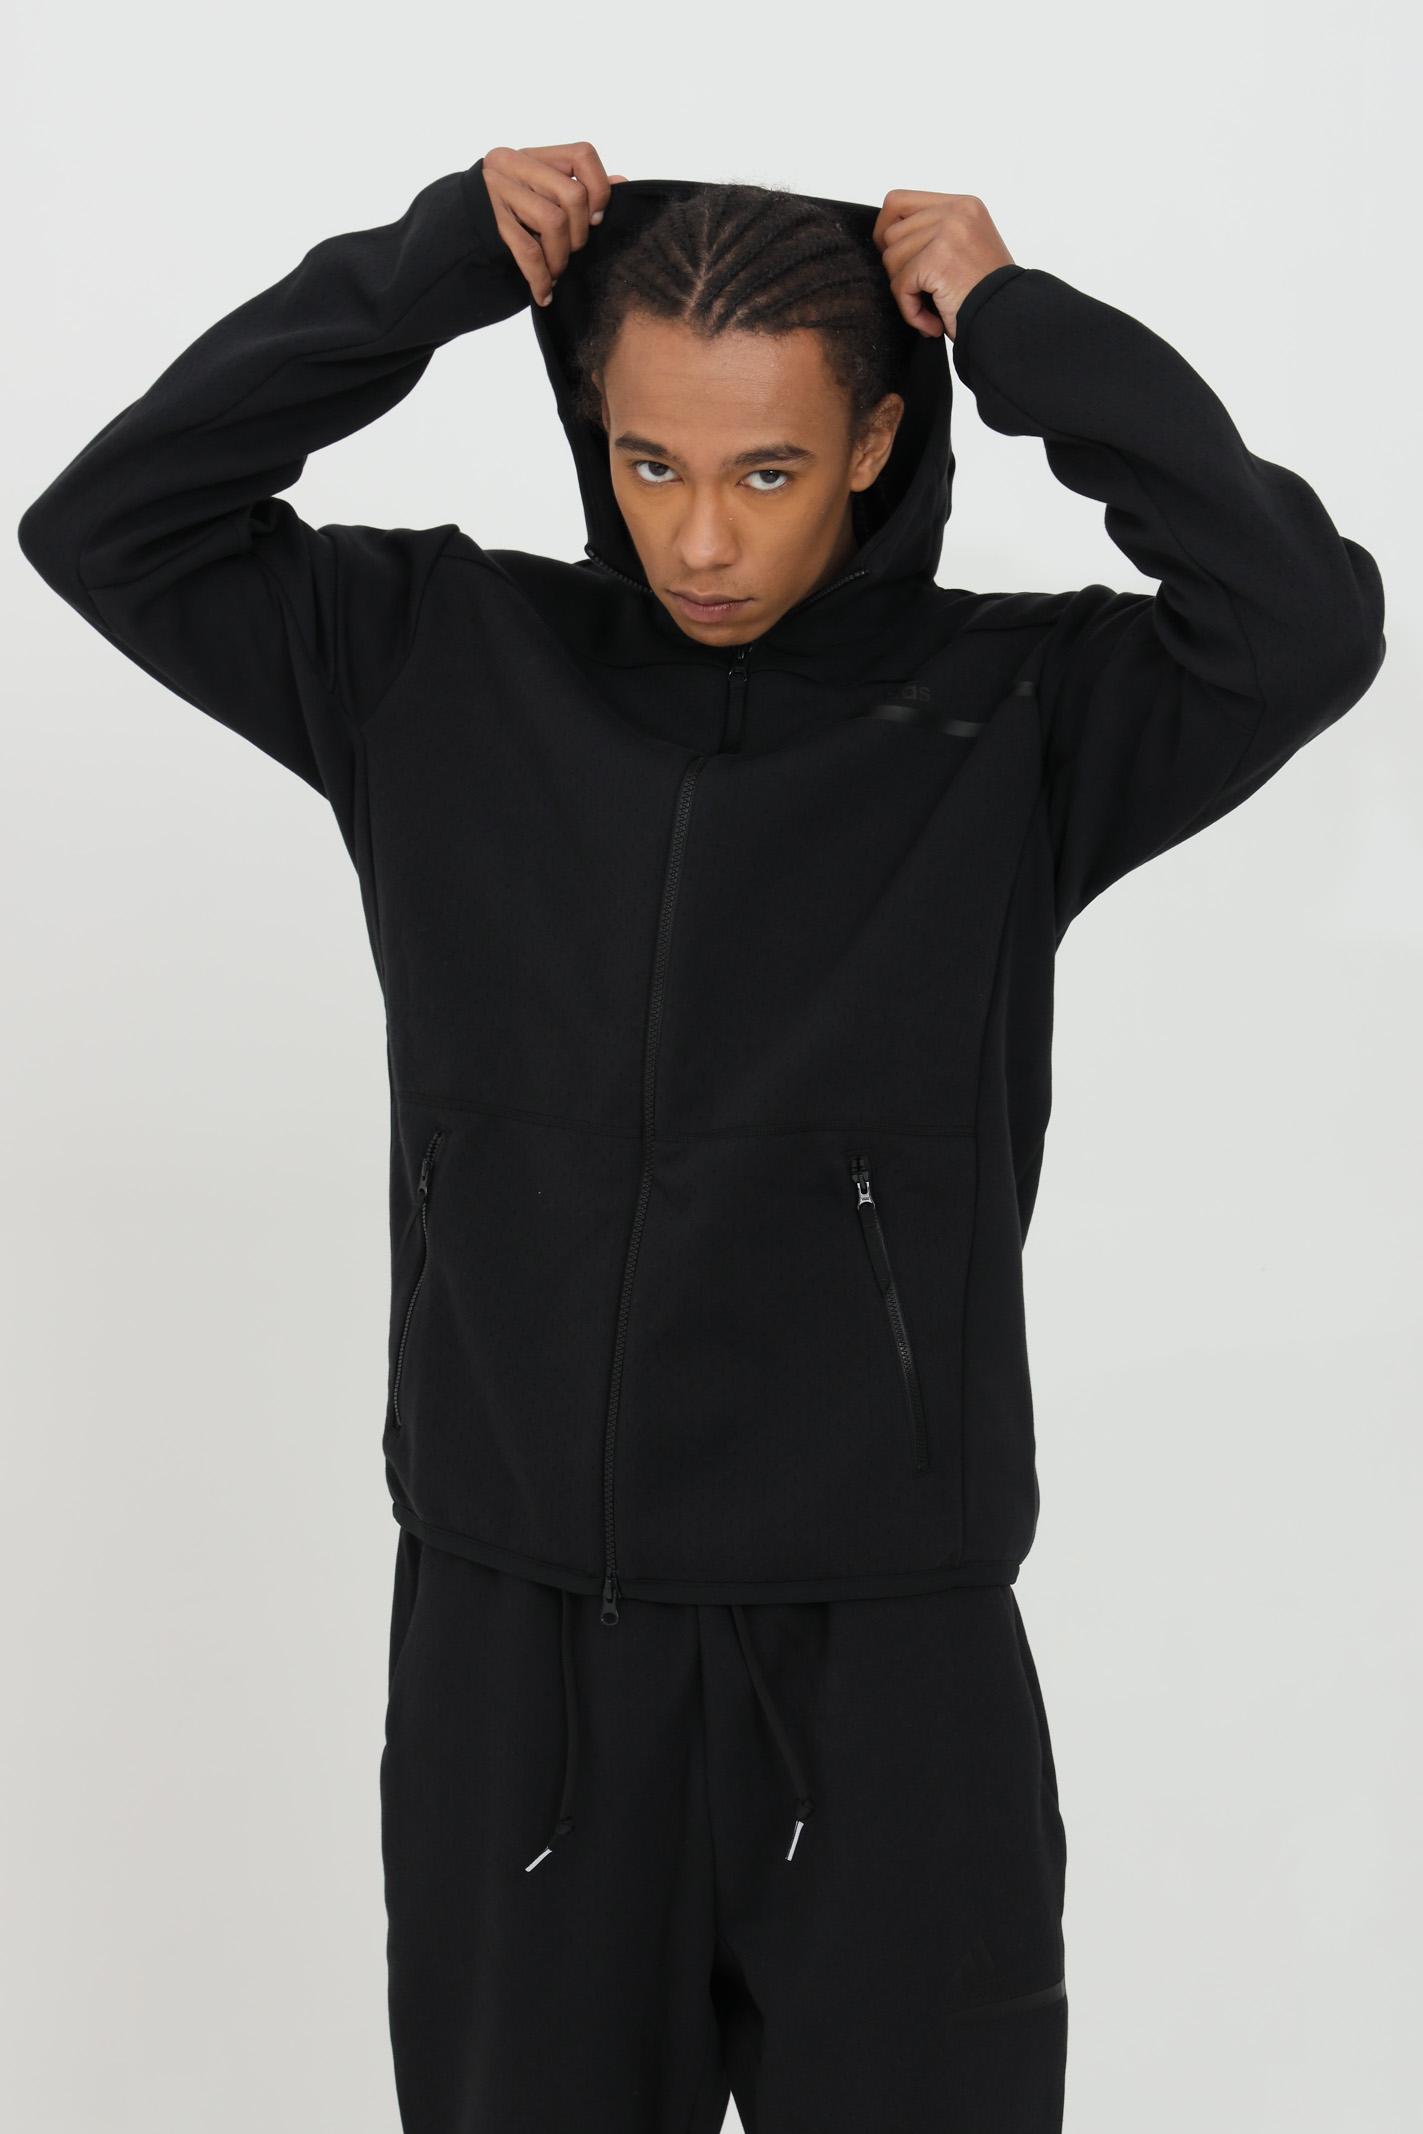 Sweatshirt with zip in solid color ADIDAS | Sweatshirt | GM6531.